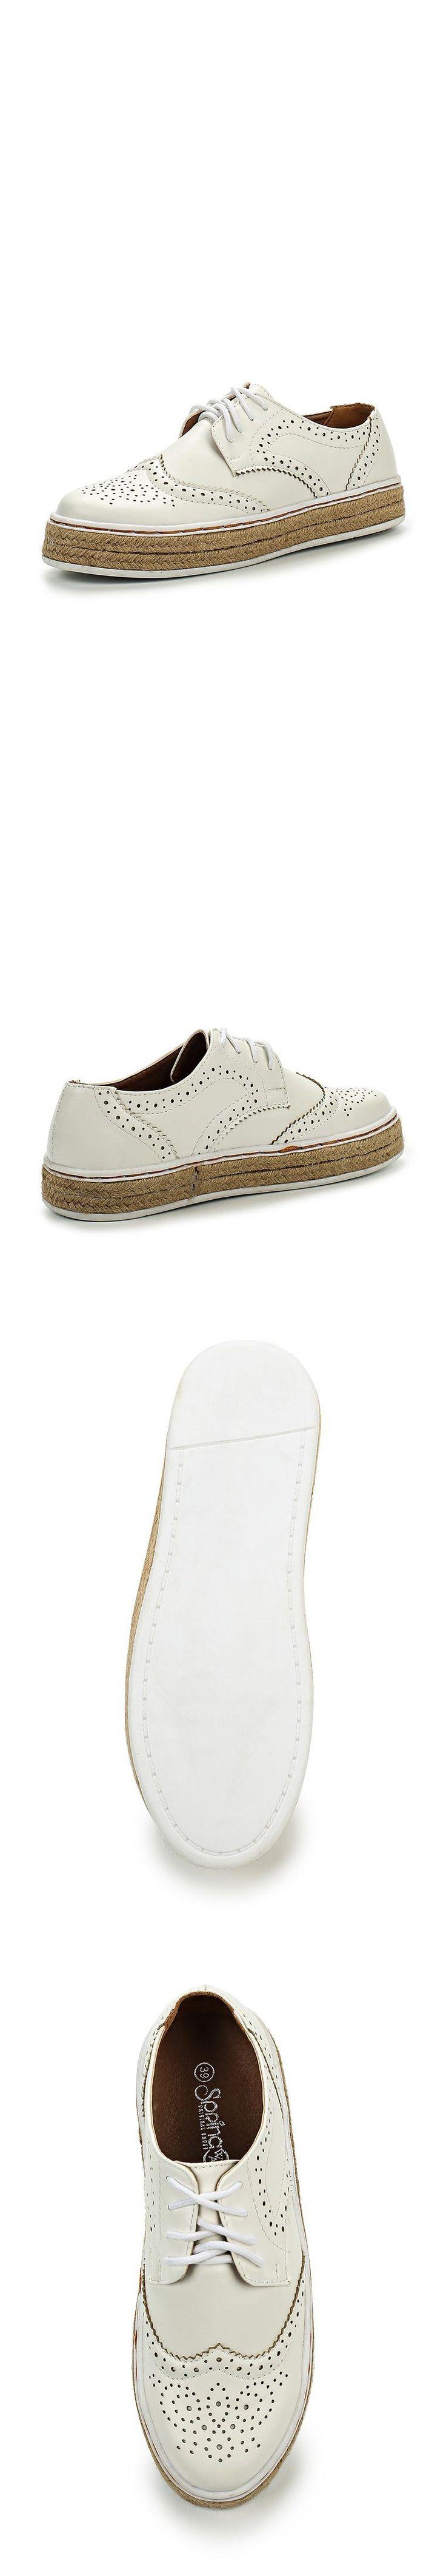 Женская обувь ботинки Springway за 2690.00 руб.